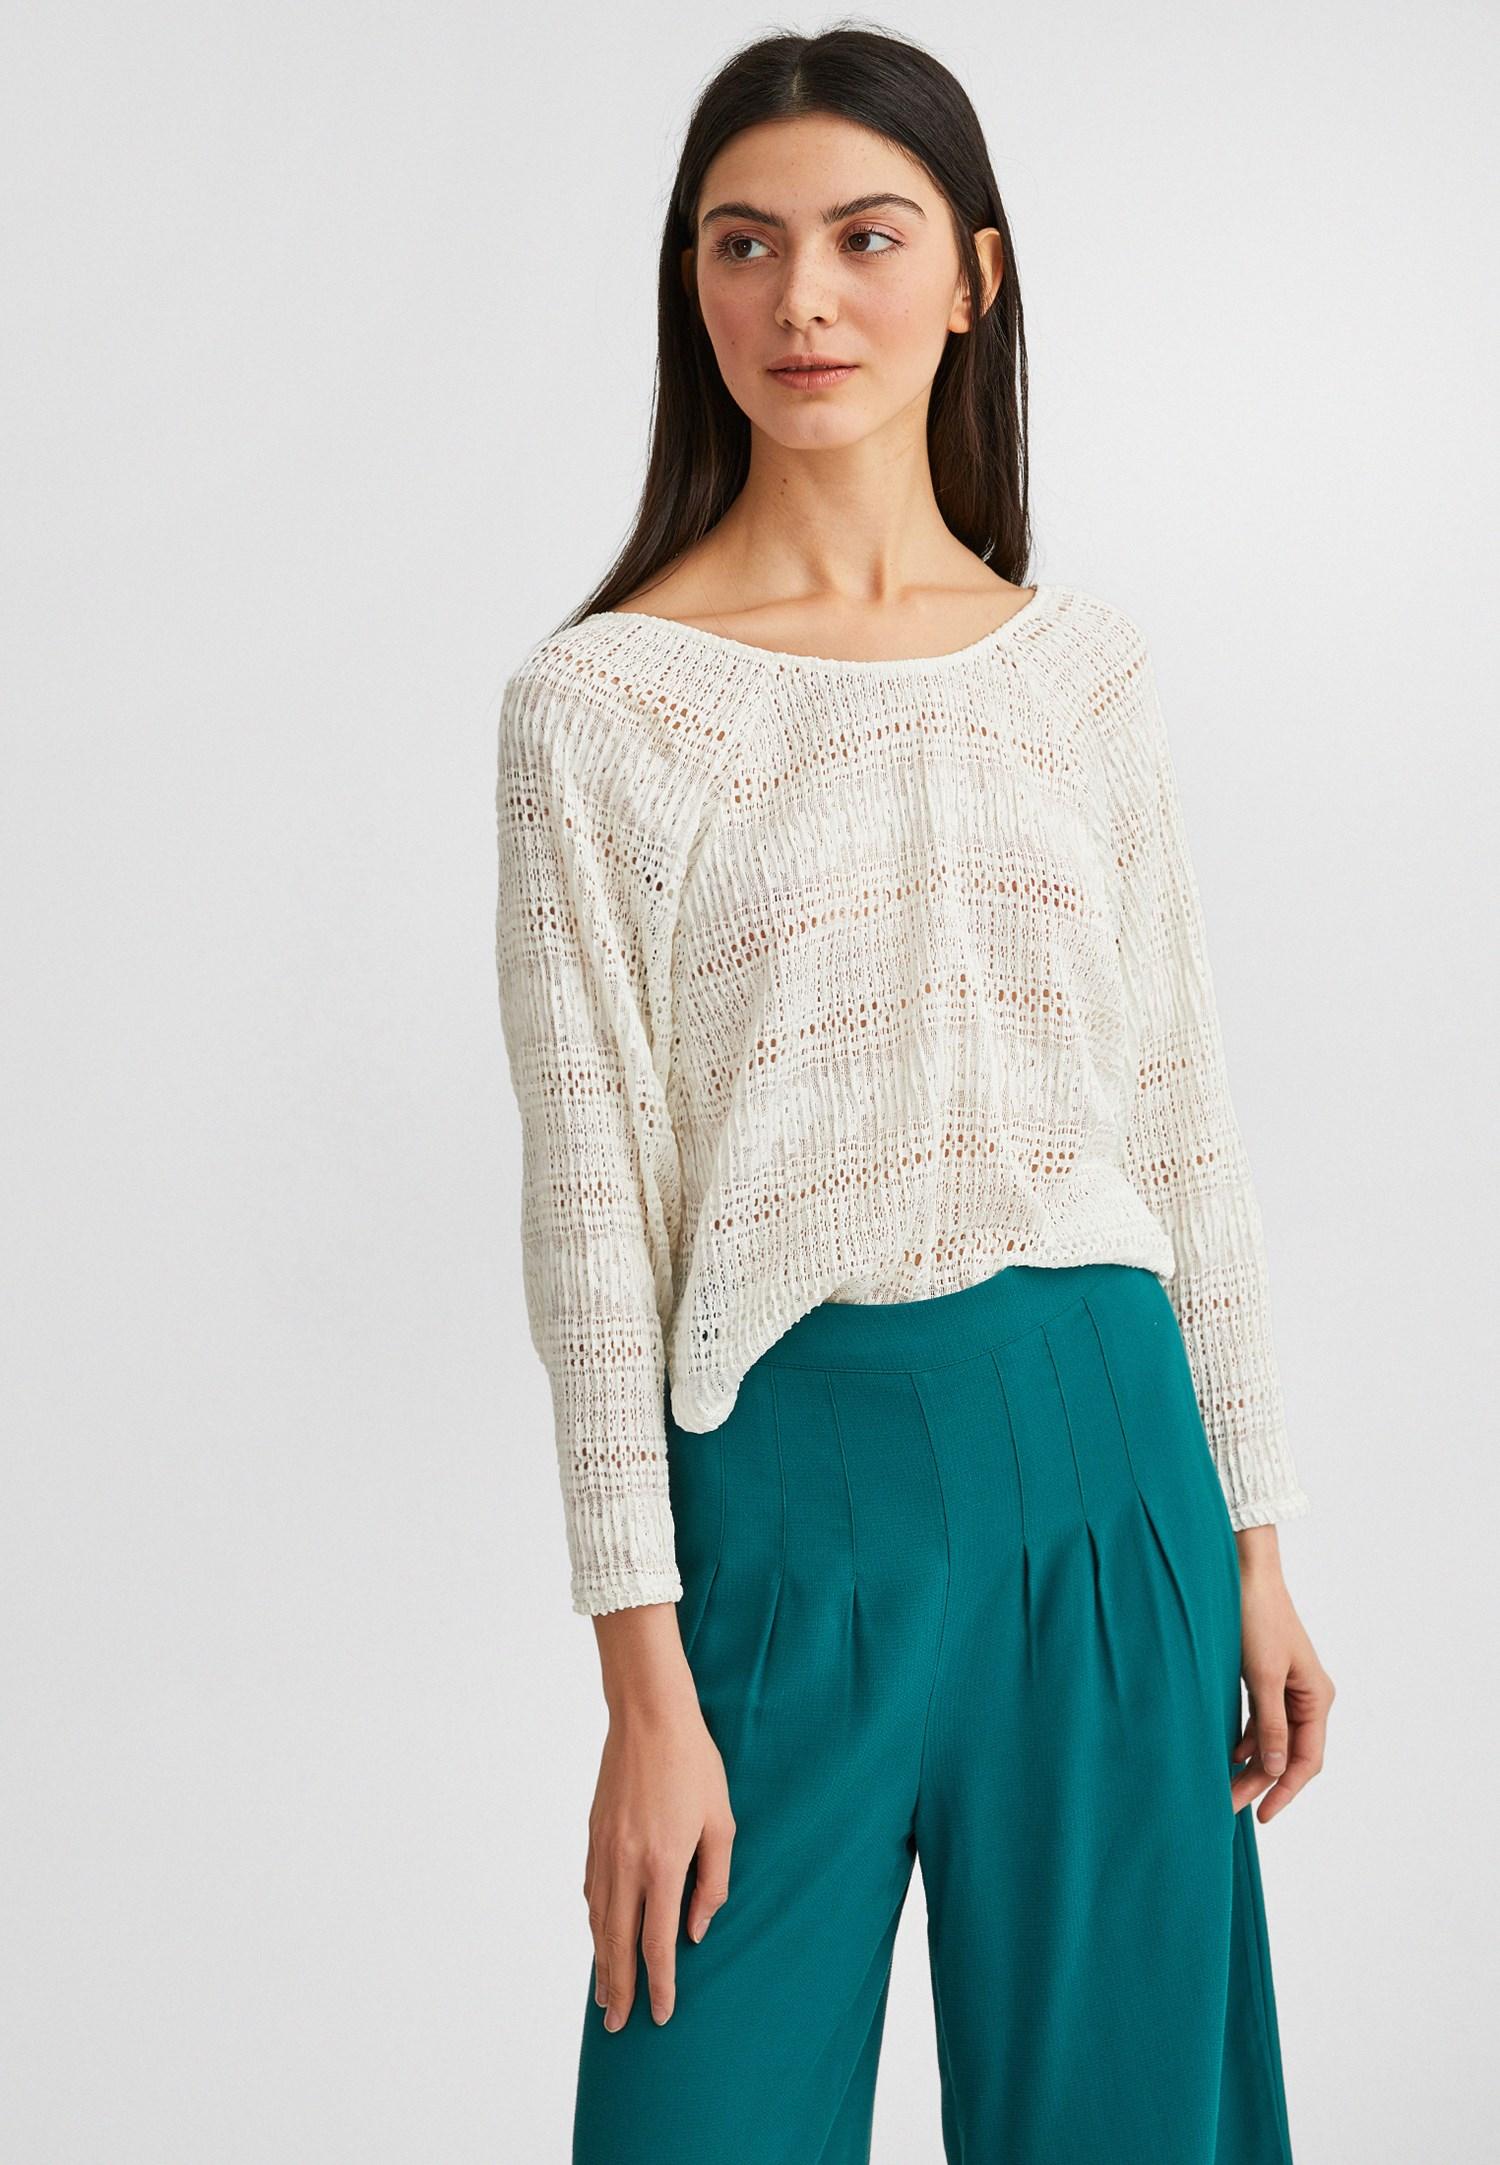 Bayan Krem Dantel Görünümlü Bluz